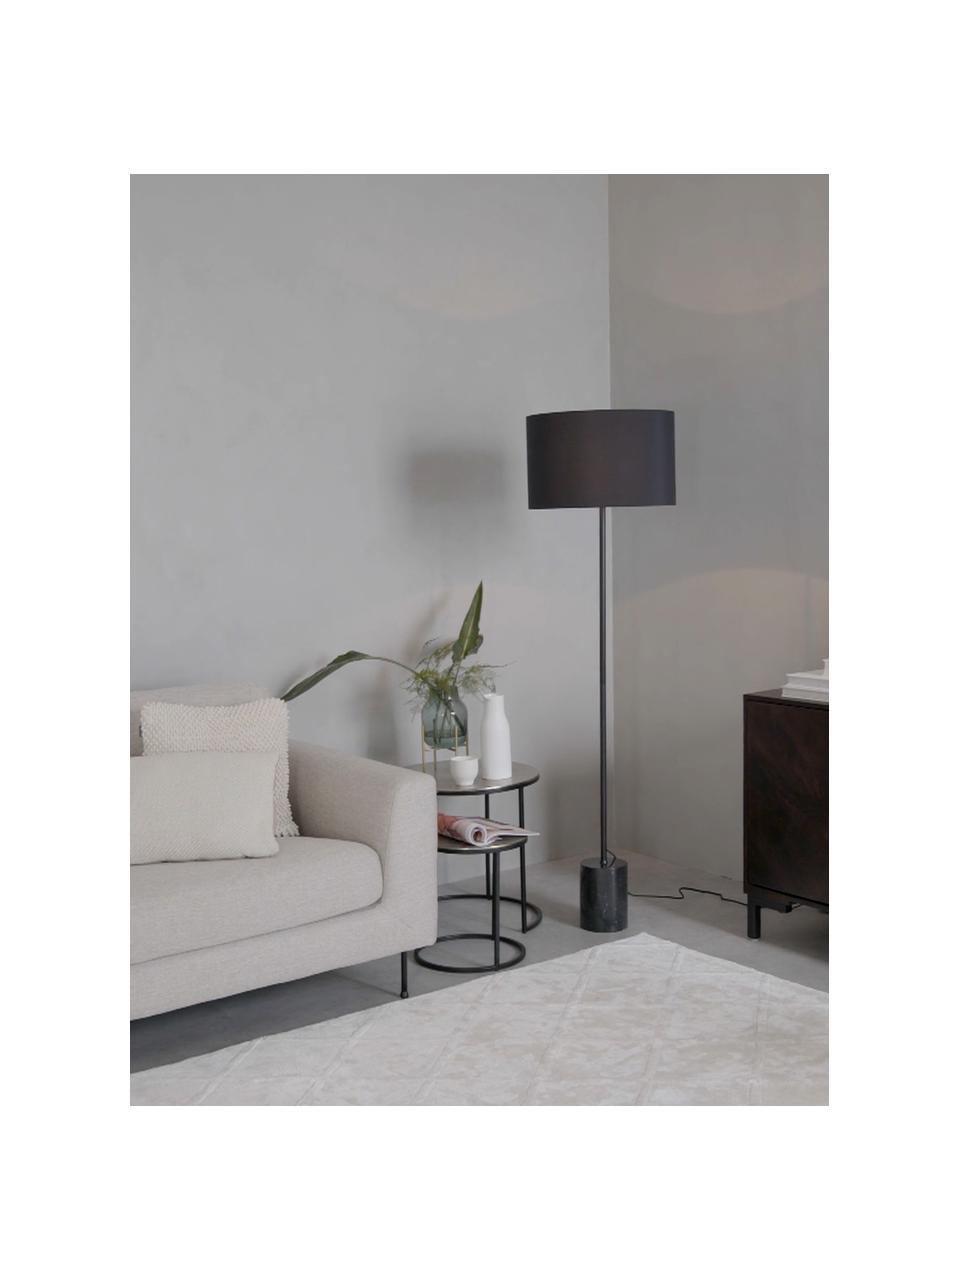 Vloerlamp Cody met marmeren voet, Lampenkap: textiel, Lampvoet: marmer, Frame: gepoedercoat metaal, Zwart marmer, Ø 45 x H 159 cm